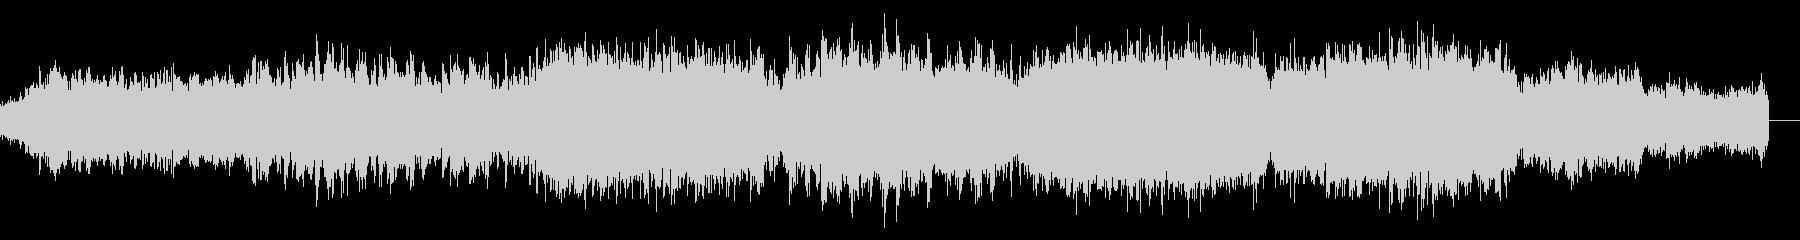 SFサスペンスなアンビエントIDMの未再生の波形